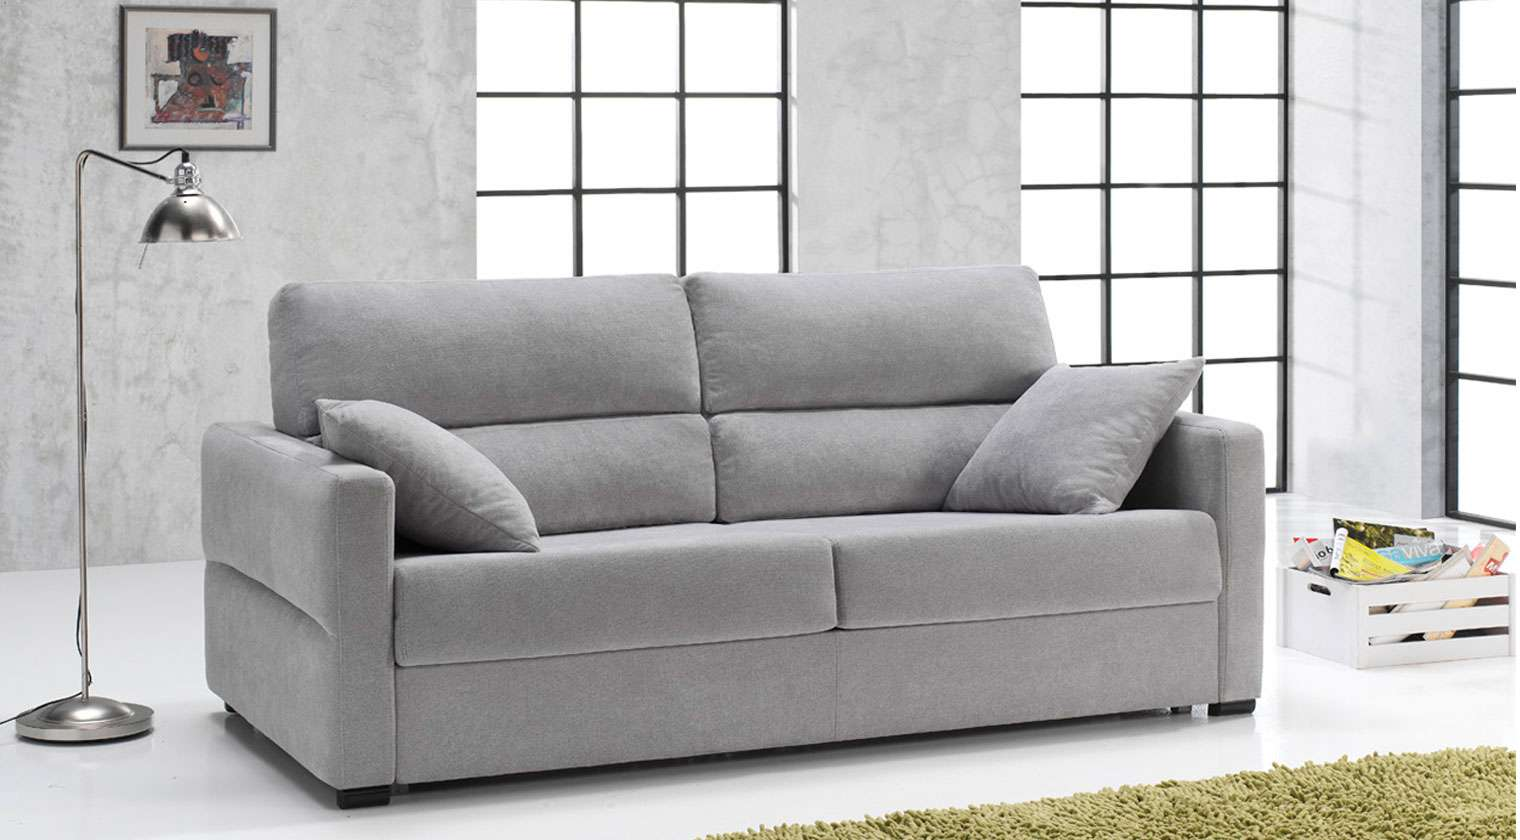 Comprar sof cama vals sofa cama de 80x190 abacus for Divan 80x190